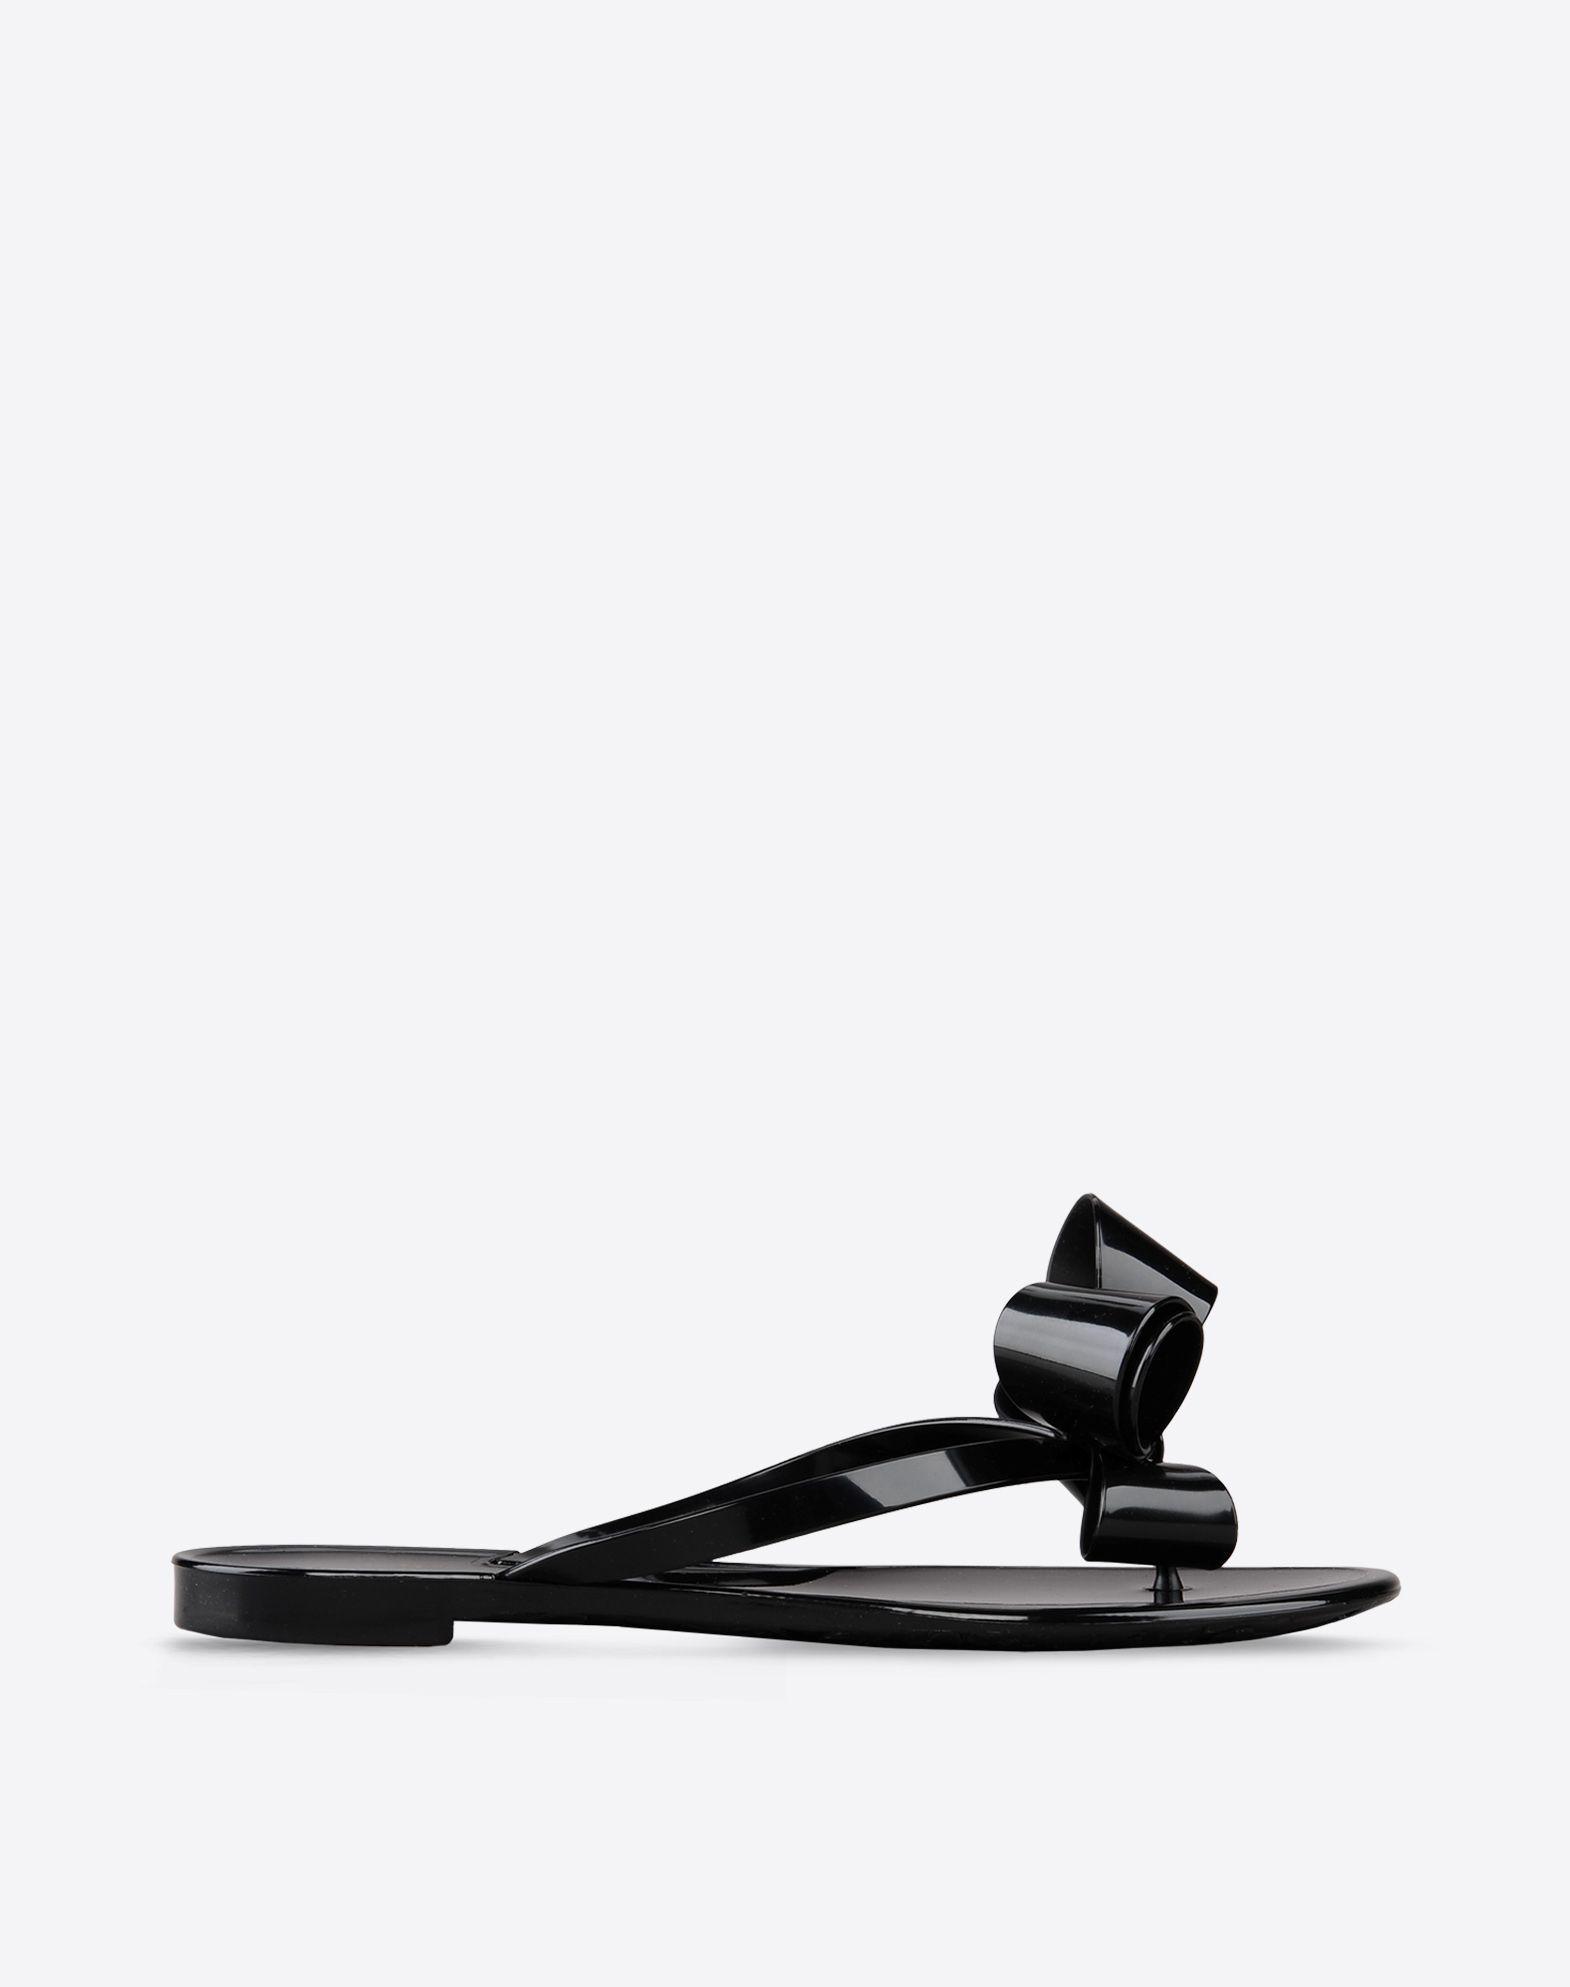 nouveaux styles plutôt sympa qualité Valentino Online Boutique - Valentino Women Flip Flop | Shoes